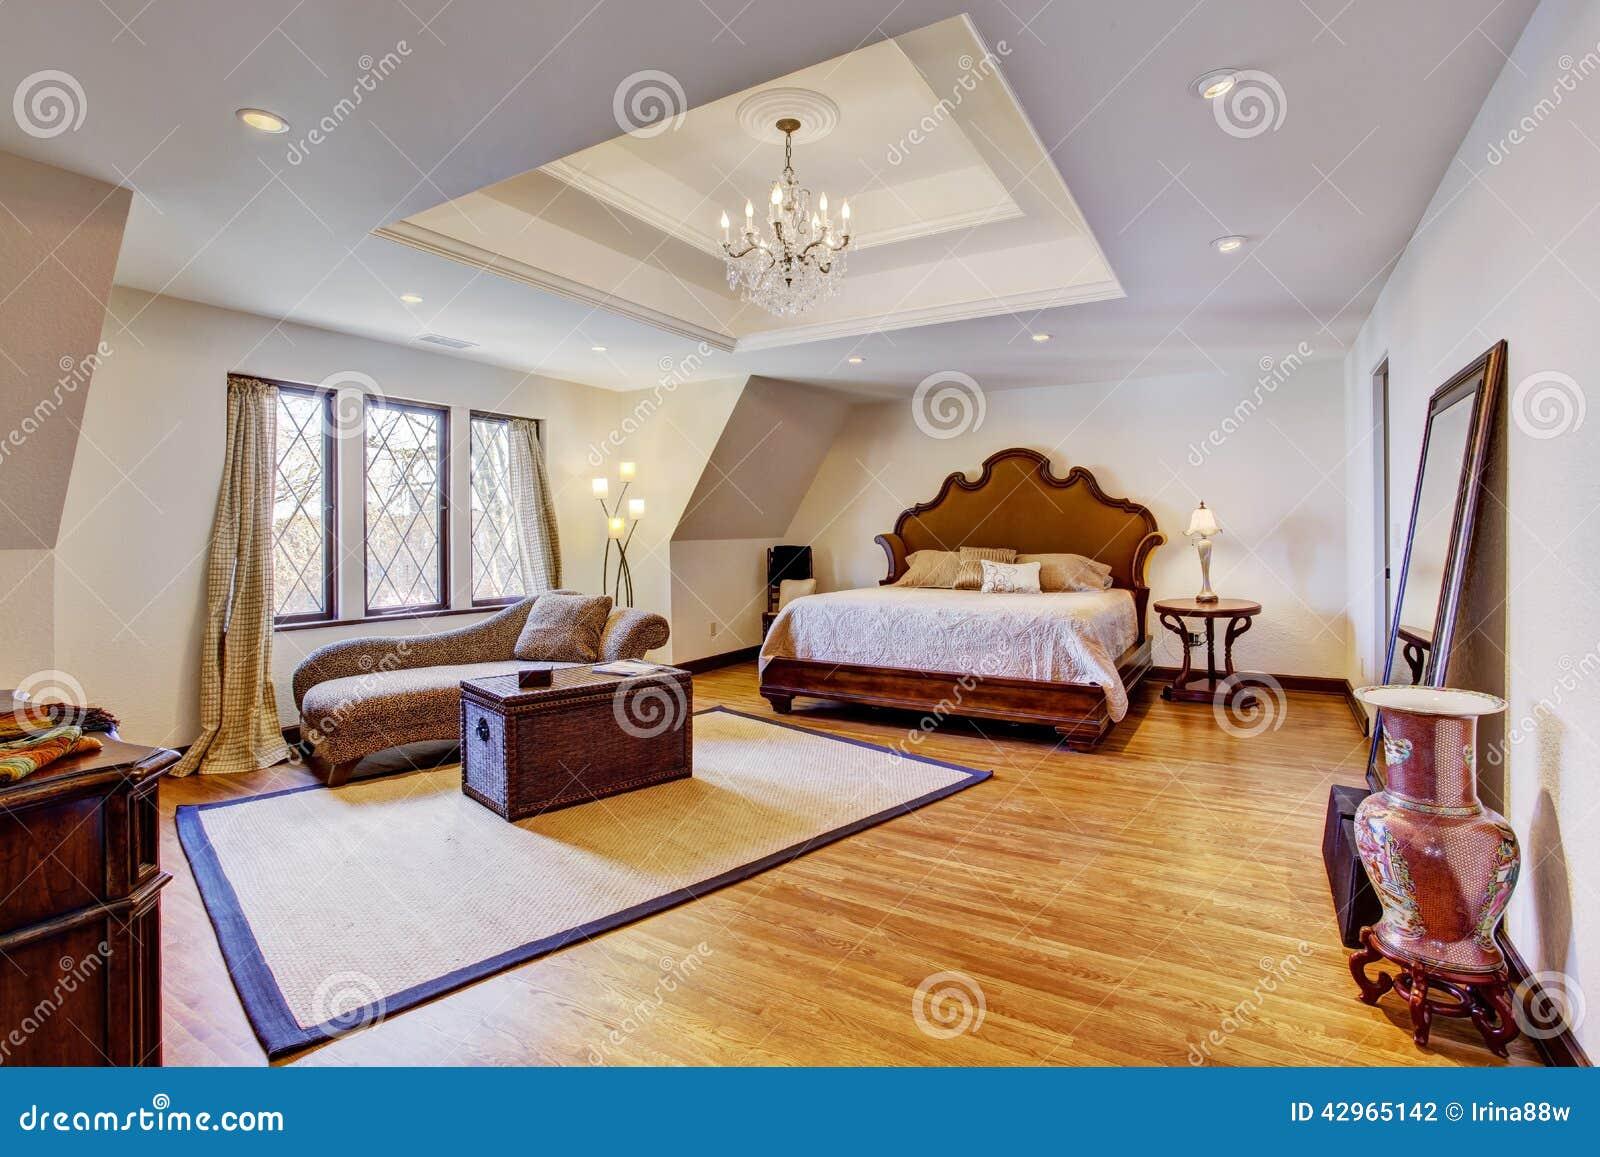 Placoplatre Salon : Helles luxusschlafzimmer mit designdecke stockfoto bild